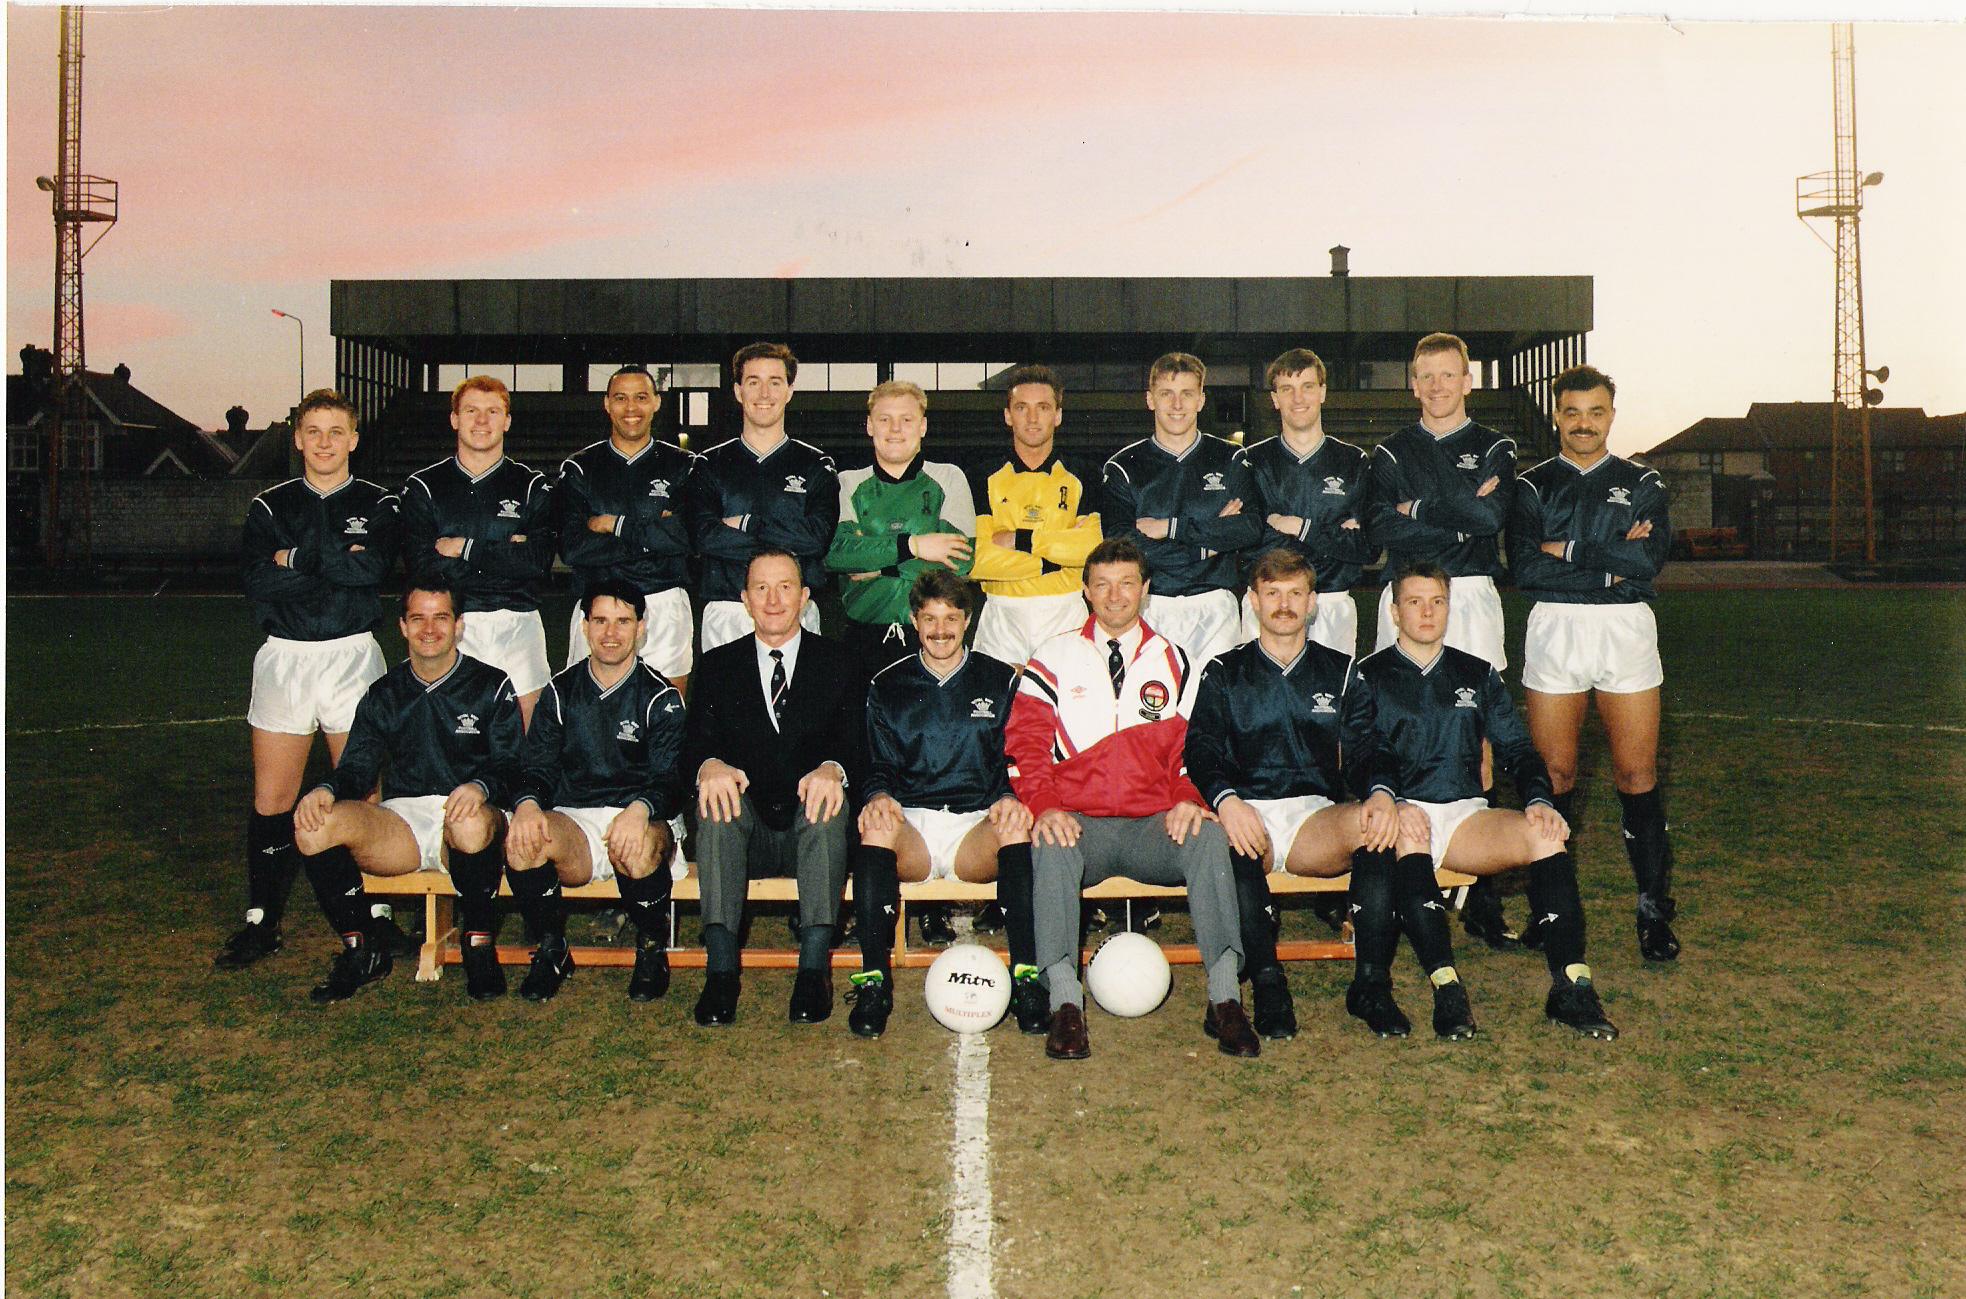 1990 Royal Navy FA